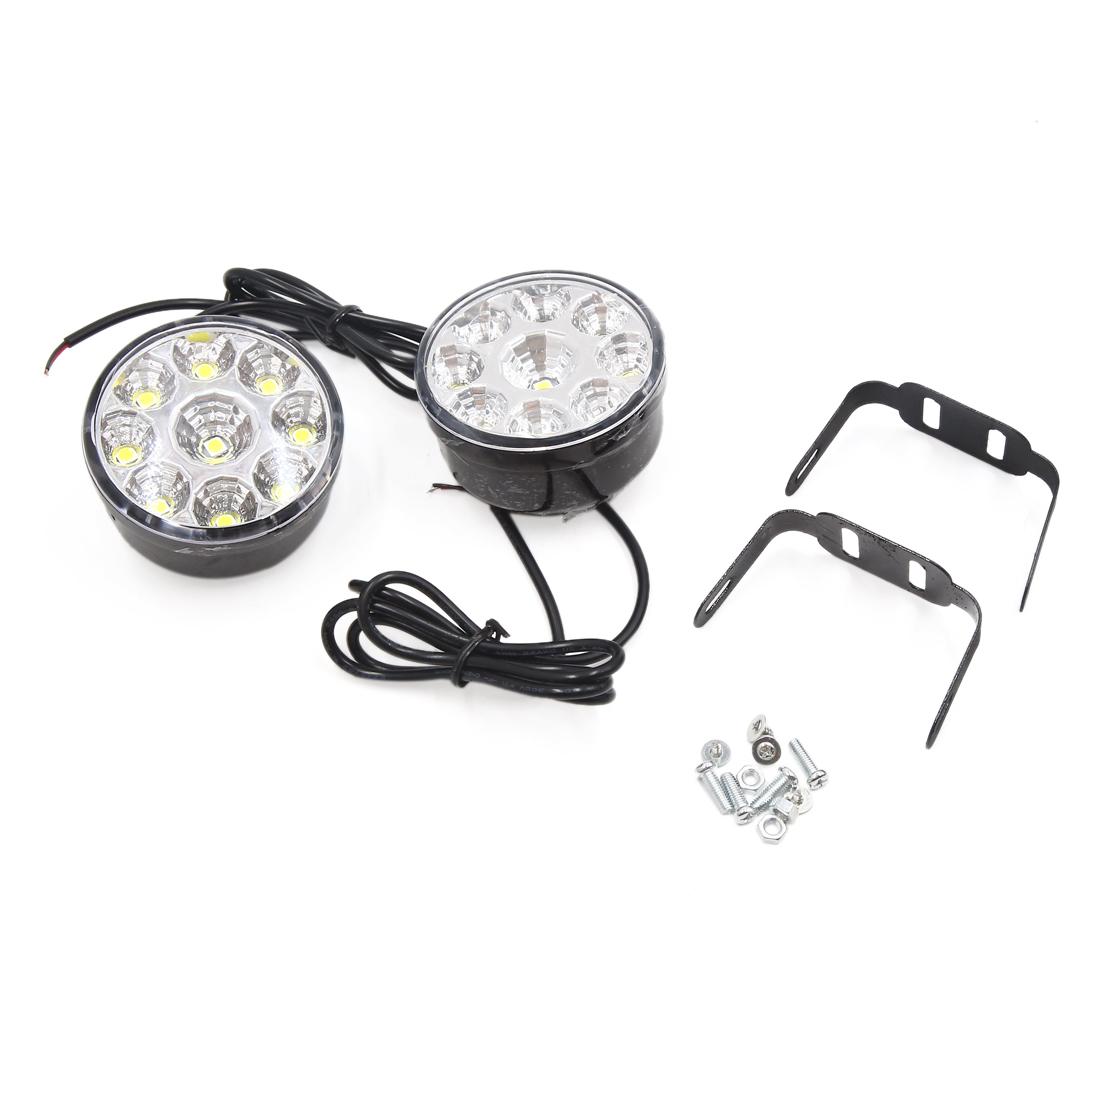 2pcs 12V Black Shell Round Shaped 9 White LEDs DRL Daytime Running Light for Car